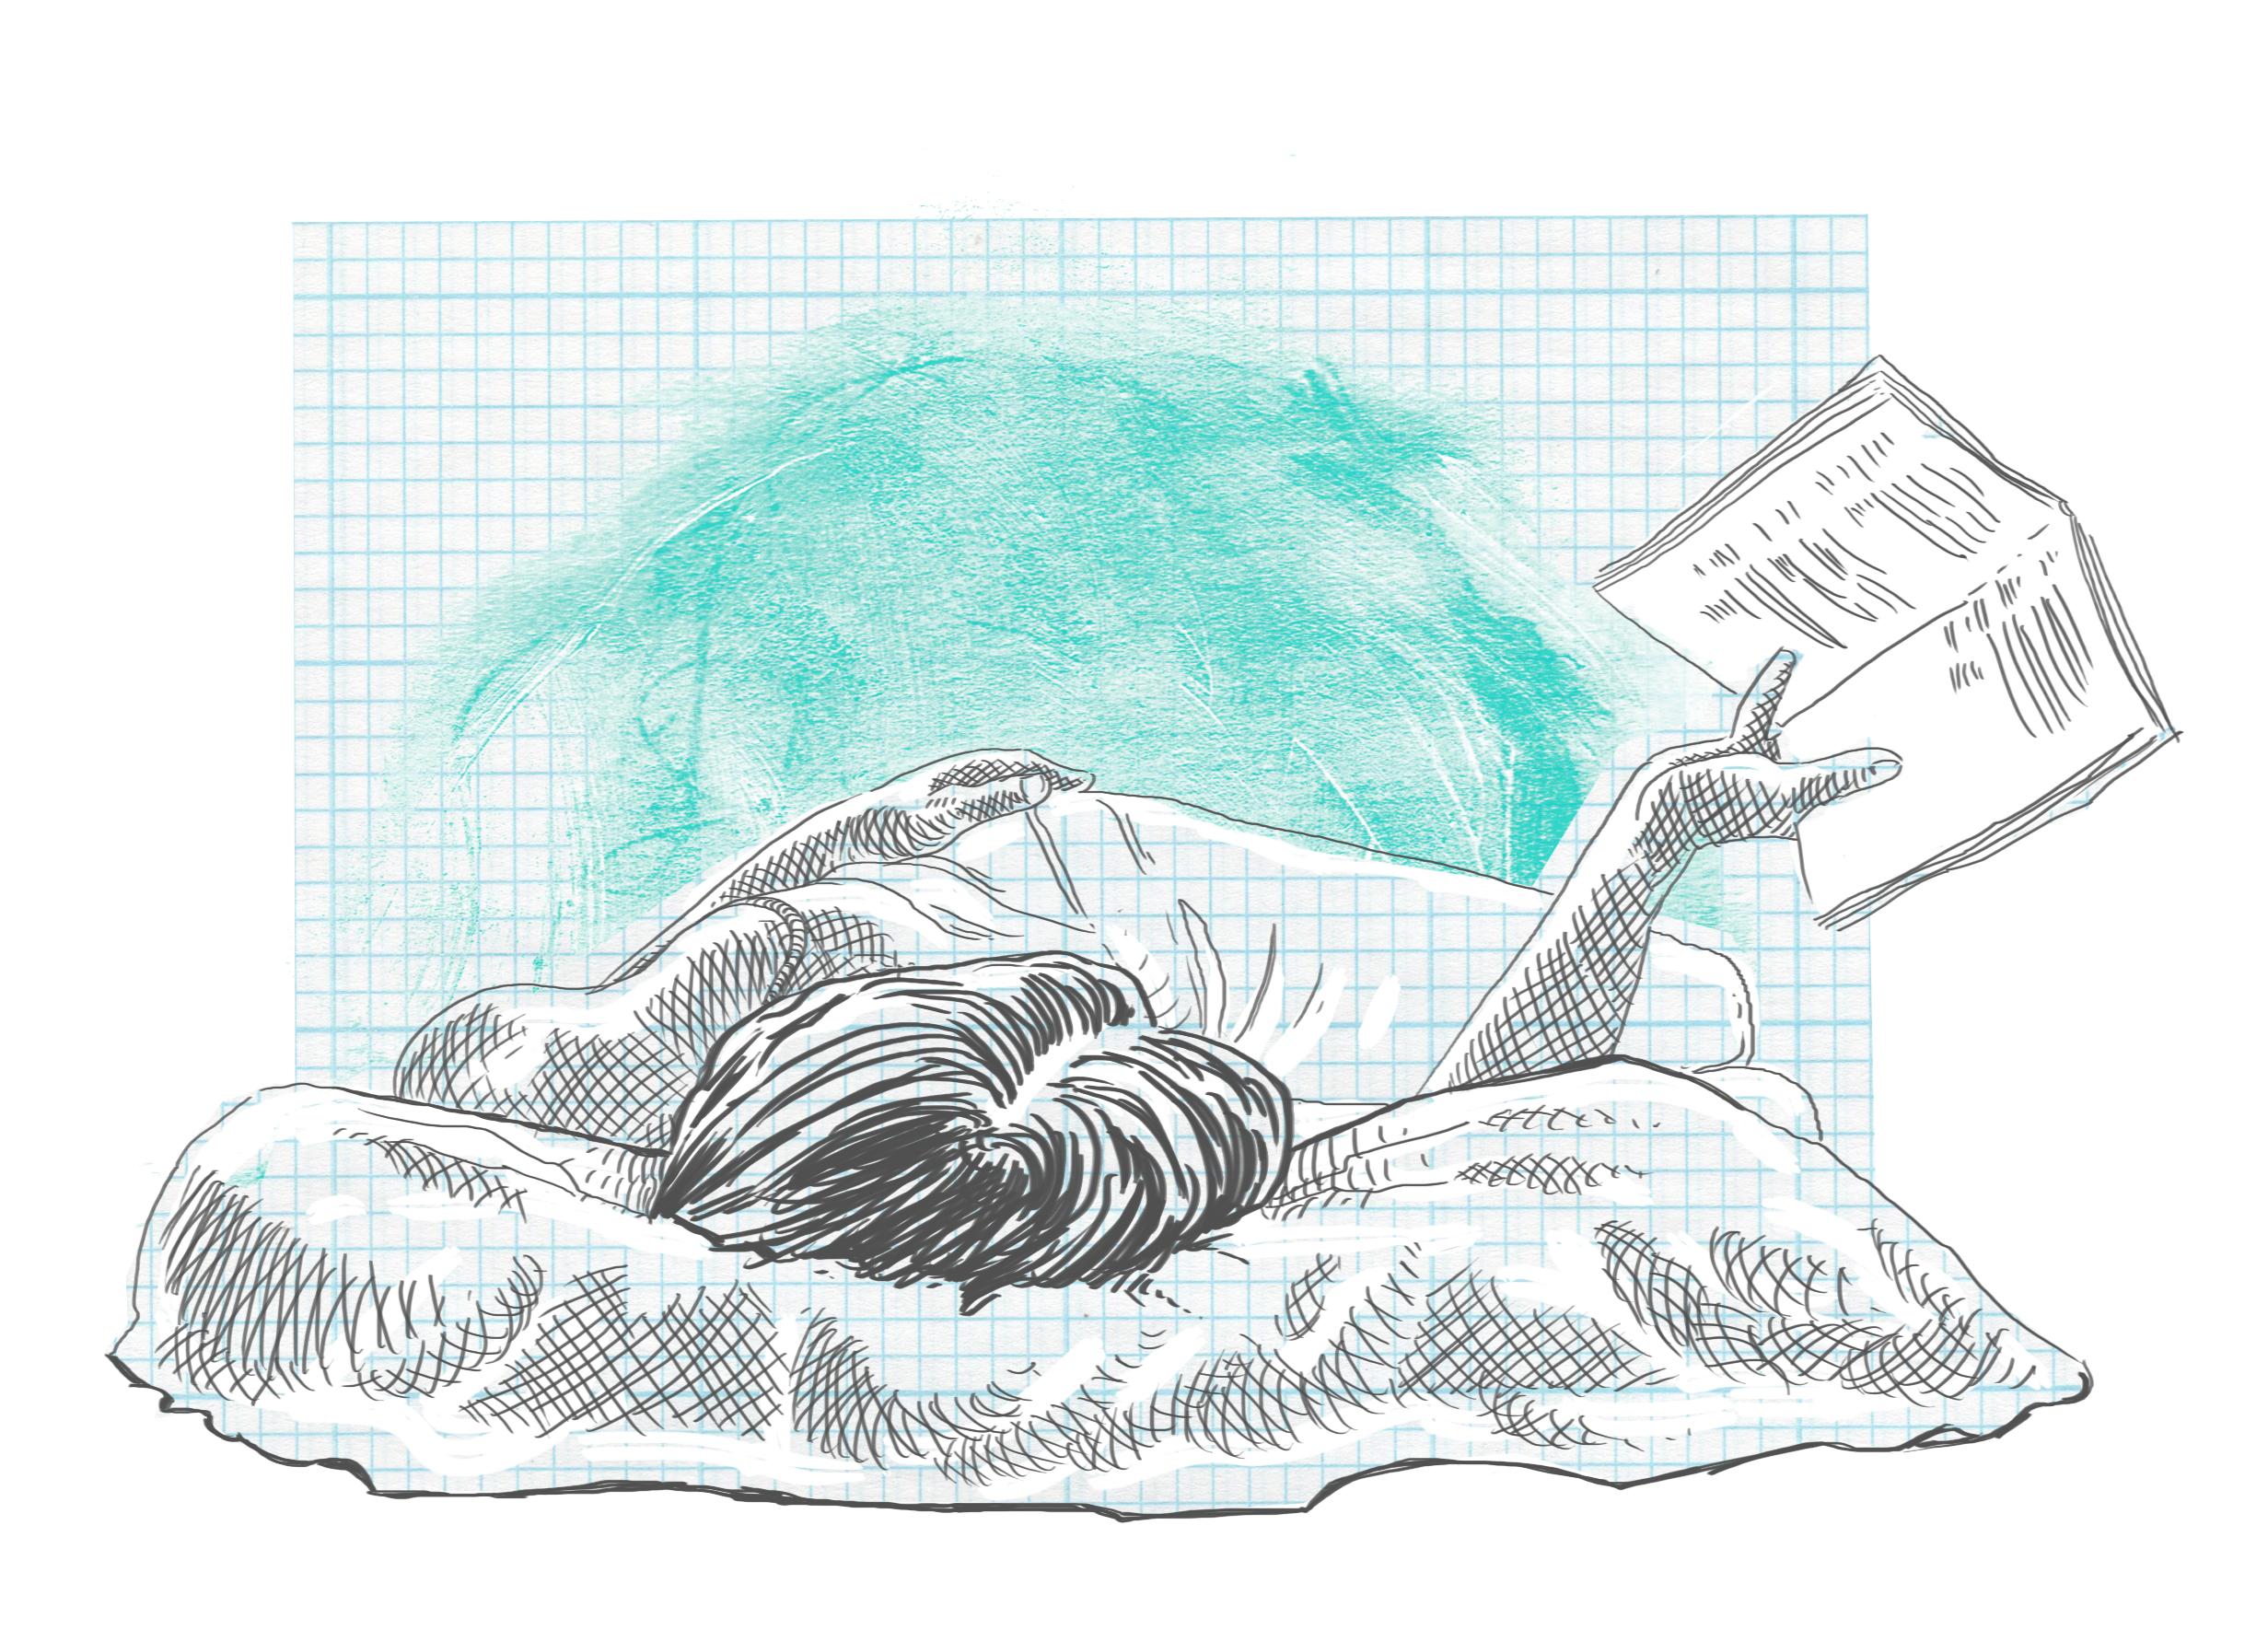 <p>La Secretaría de Cultura Ciudadana y el Sistema de Bibliotecas Públicas de Medellín, te invitan a tener un cómplice sentimental y a revivir con el libro Fragmentos de amor furtivo de Héctor Abad Faciolince, historias y travesuras del pasado.</p>